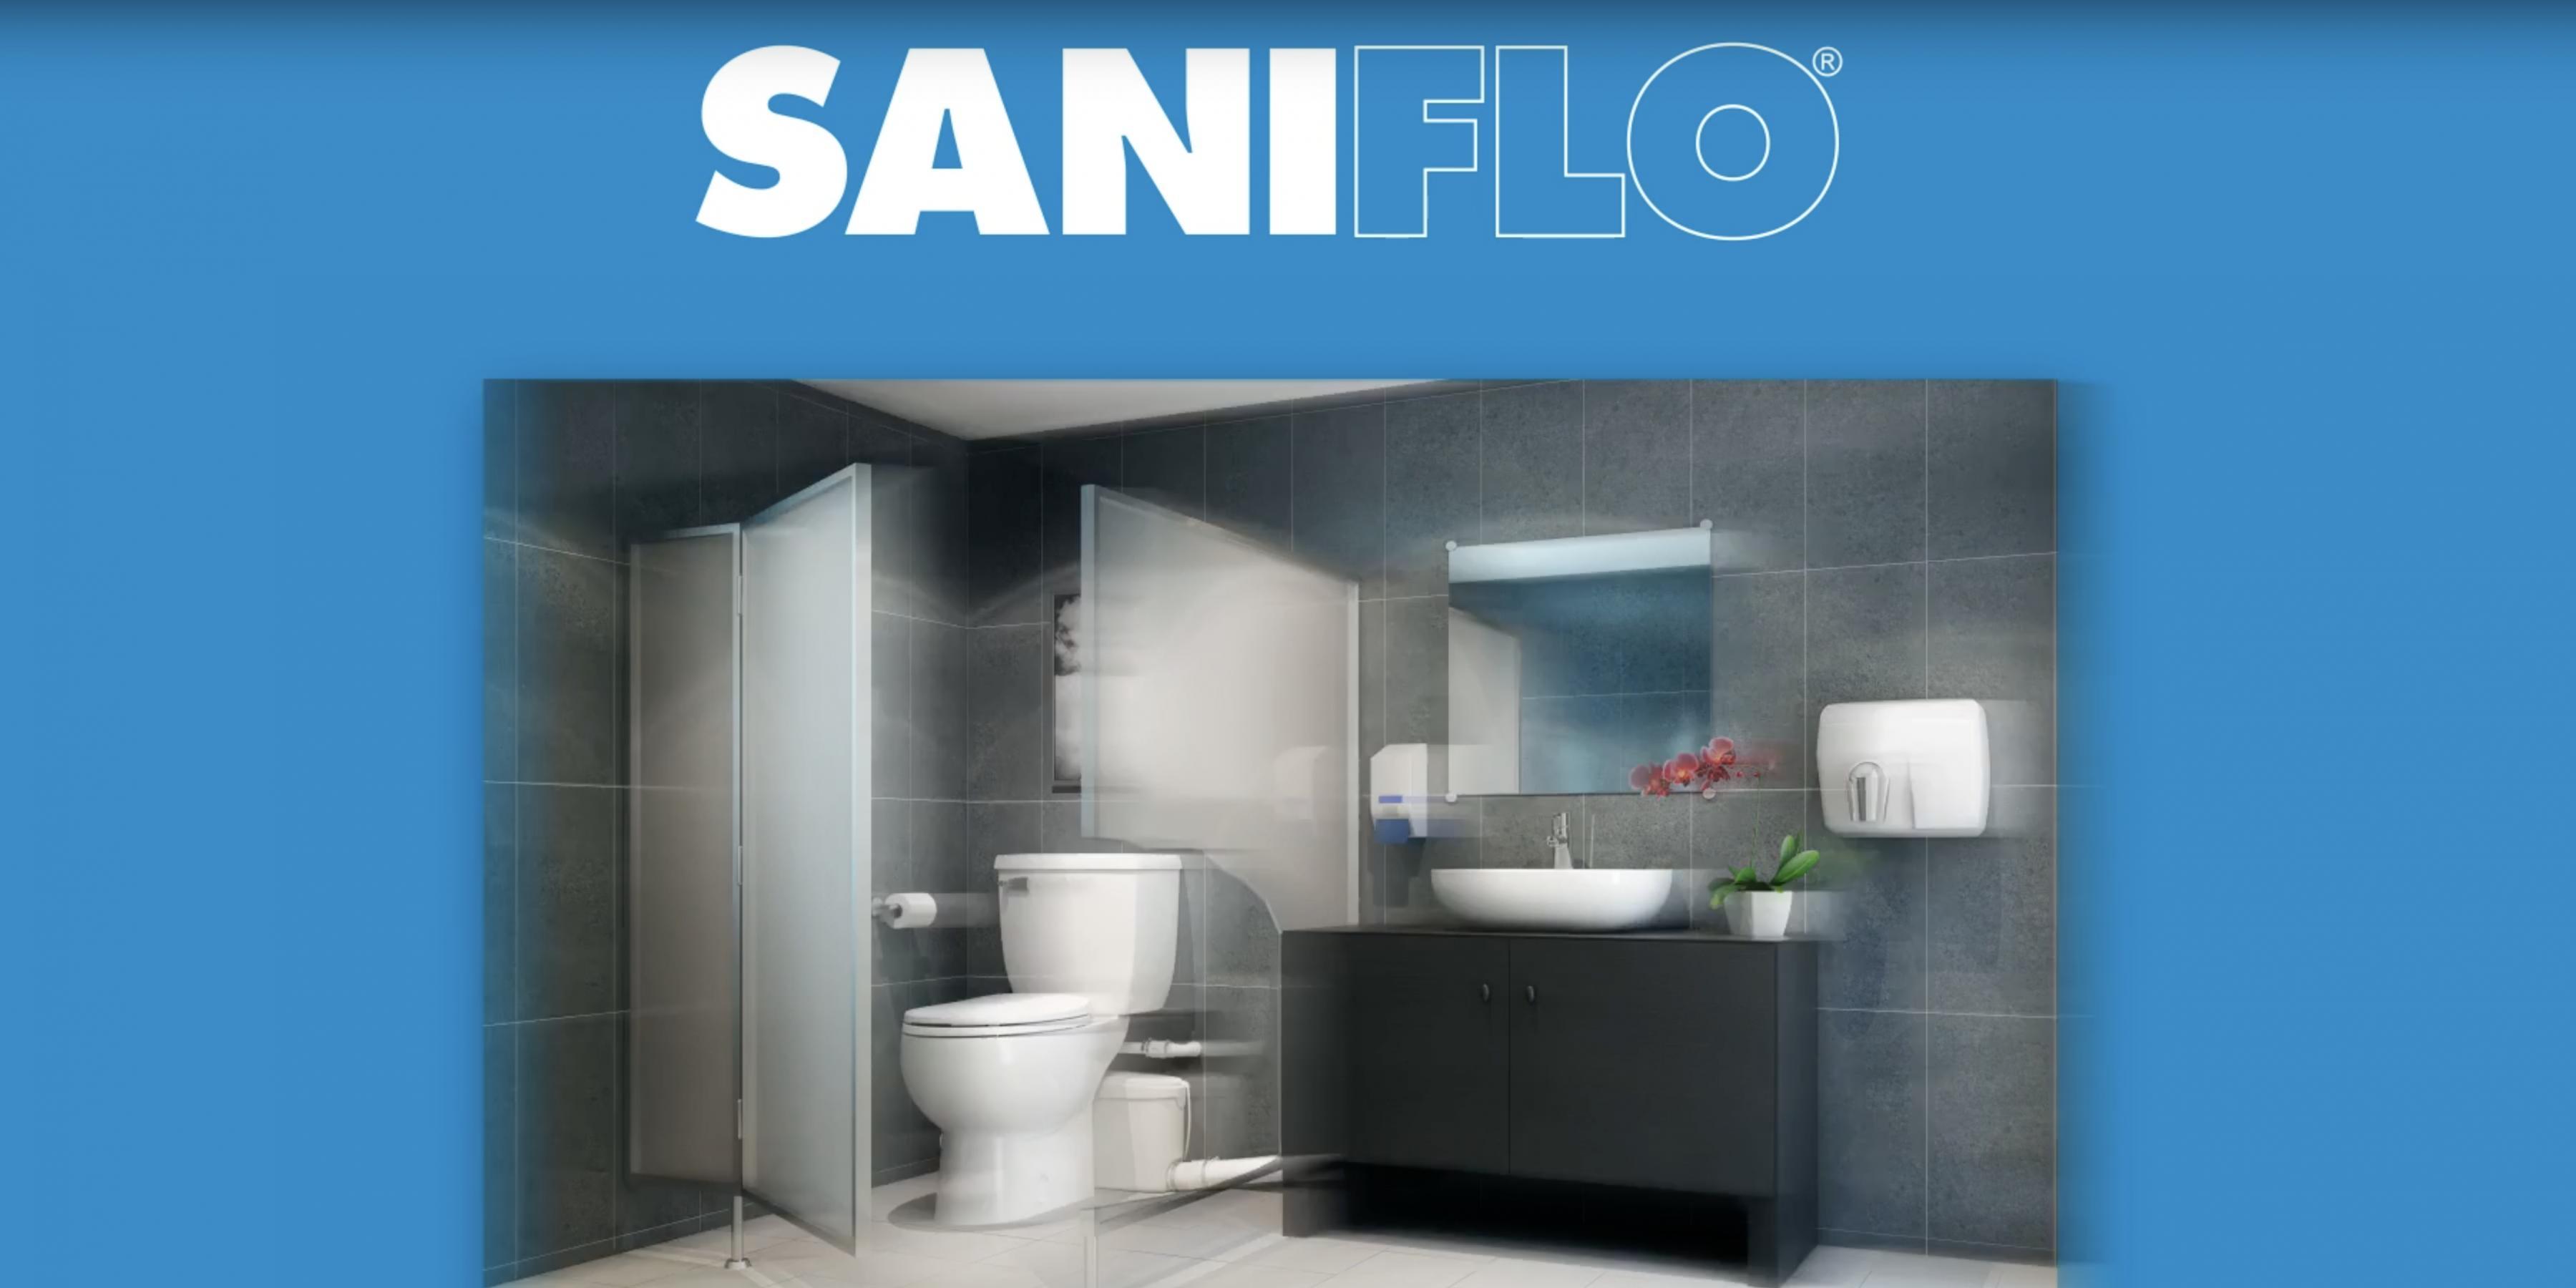 SANIFLO® Macerators and Grinders